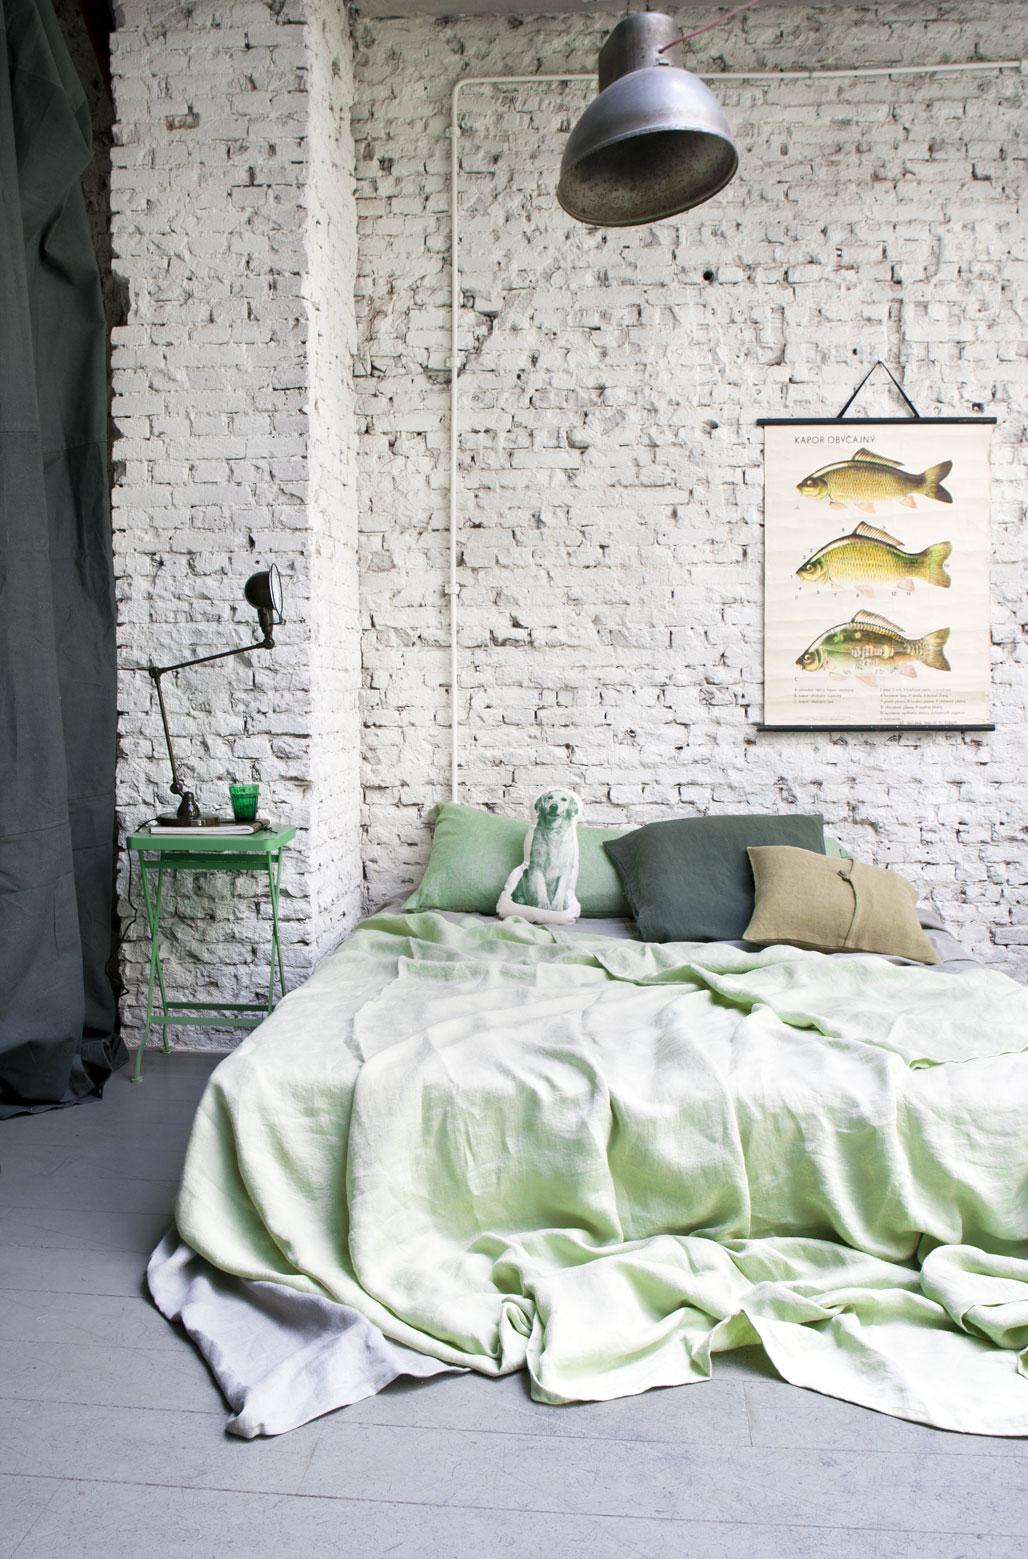 Mur de briques bruts repeint grossièrement en blanc